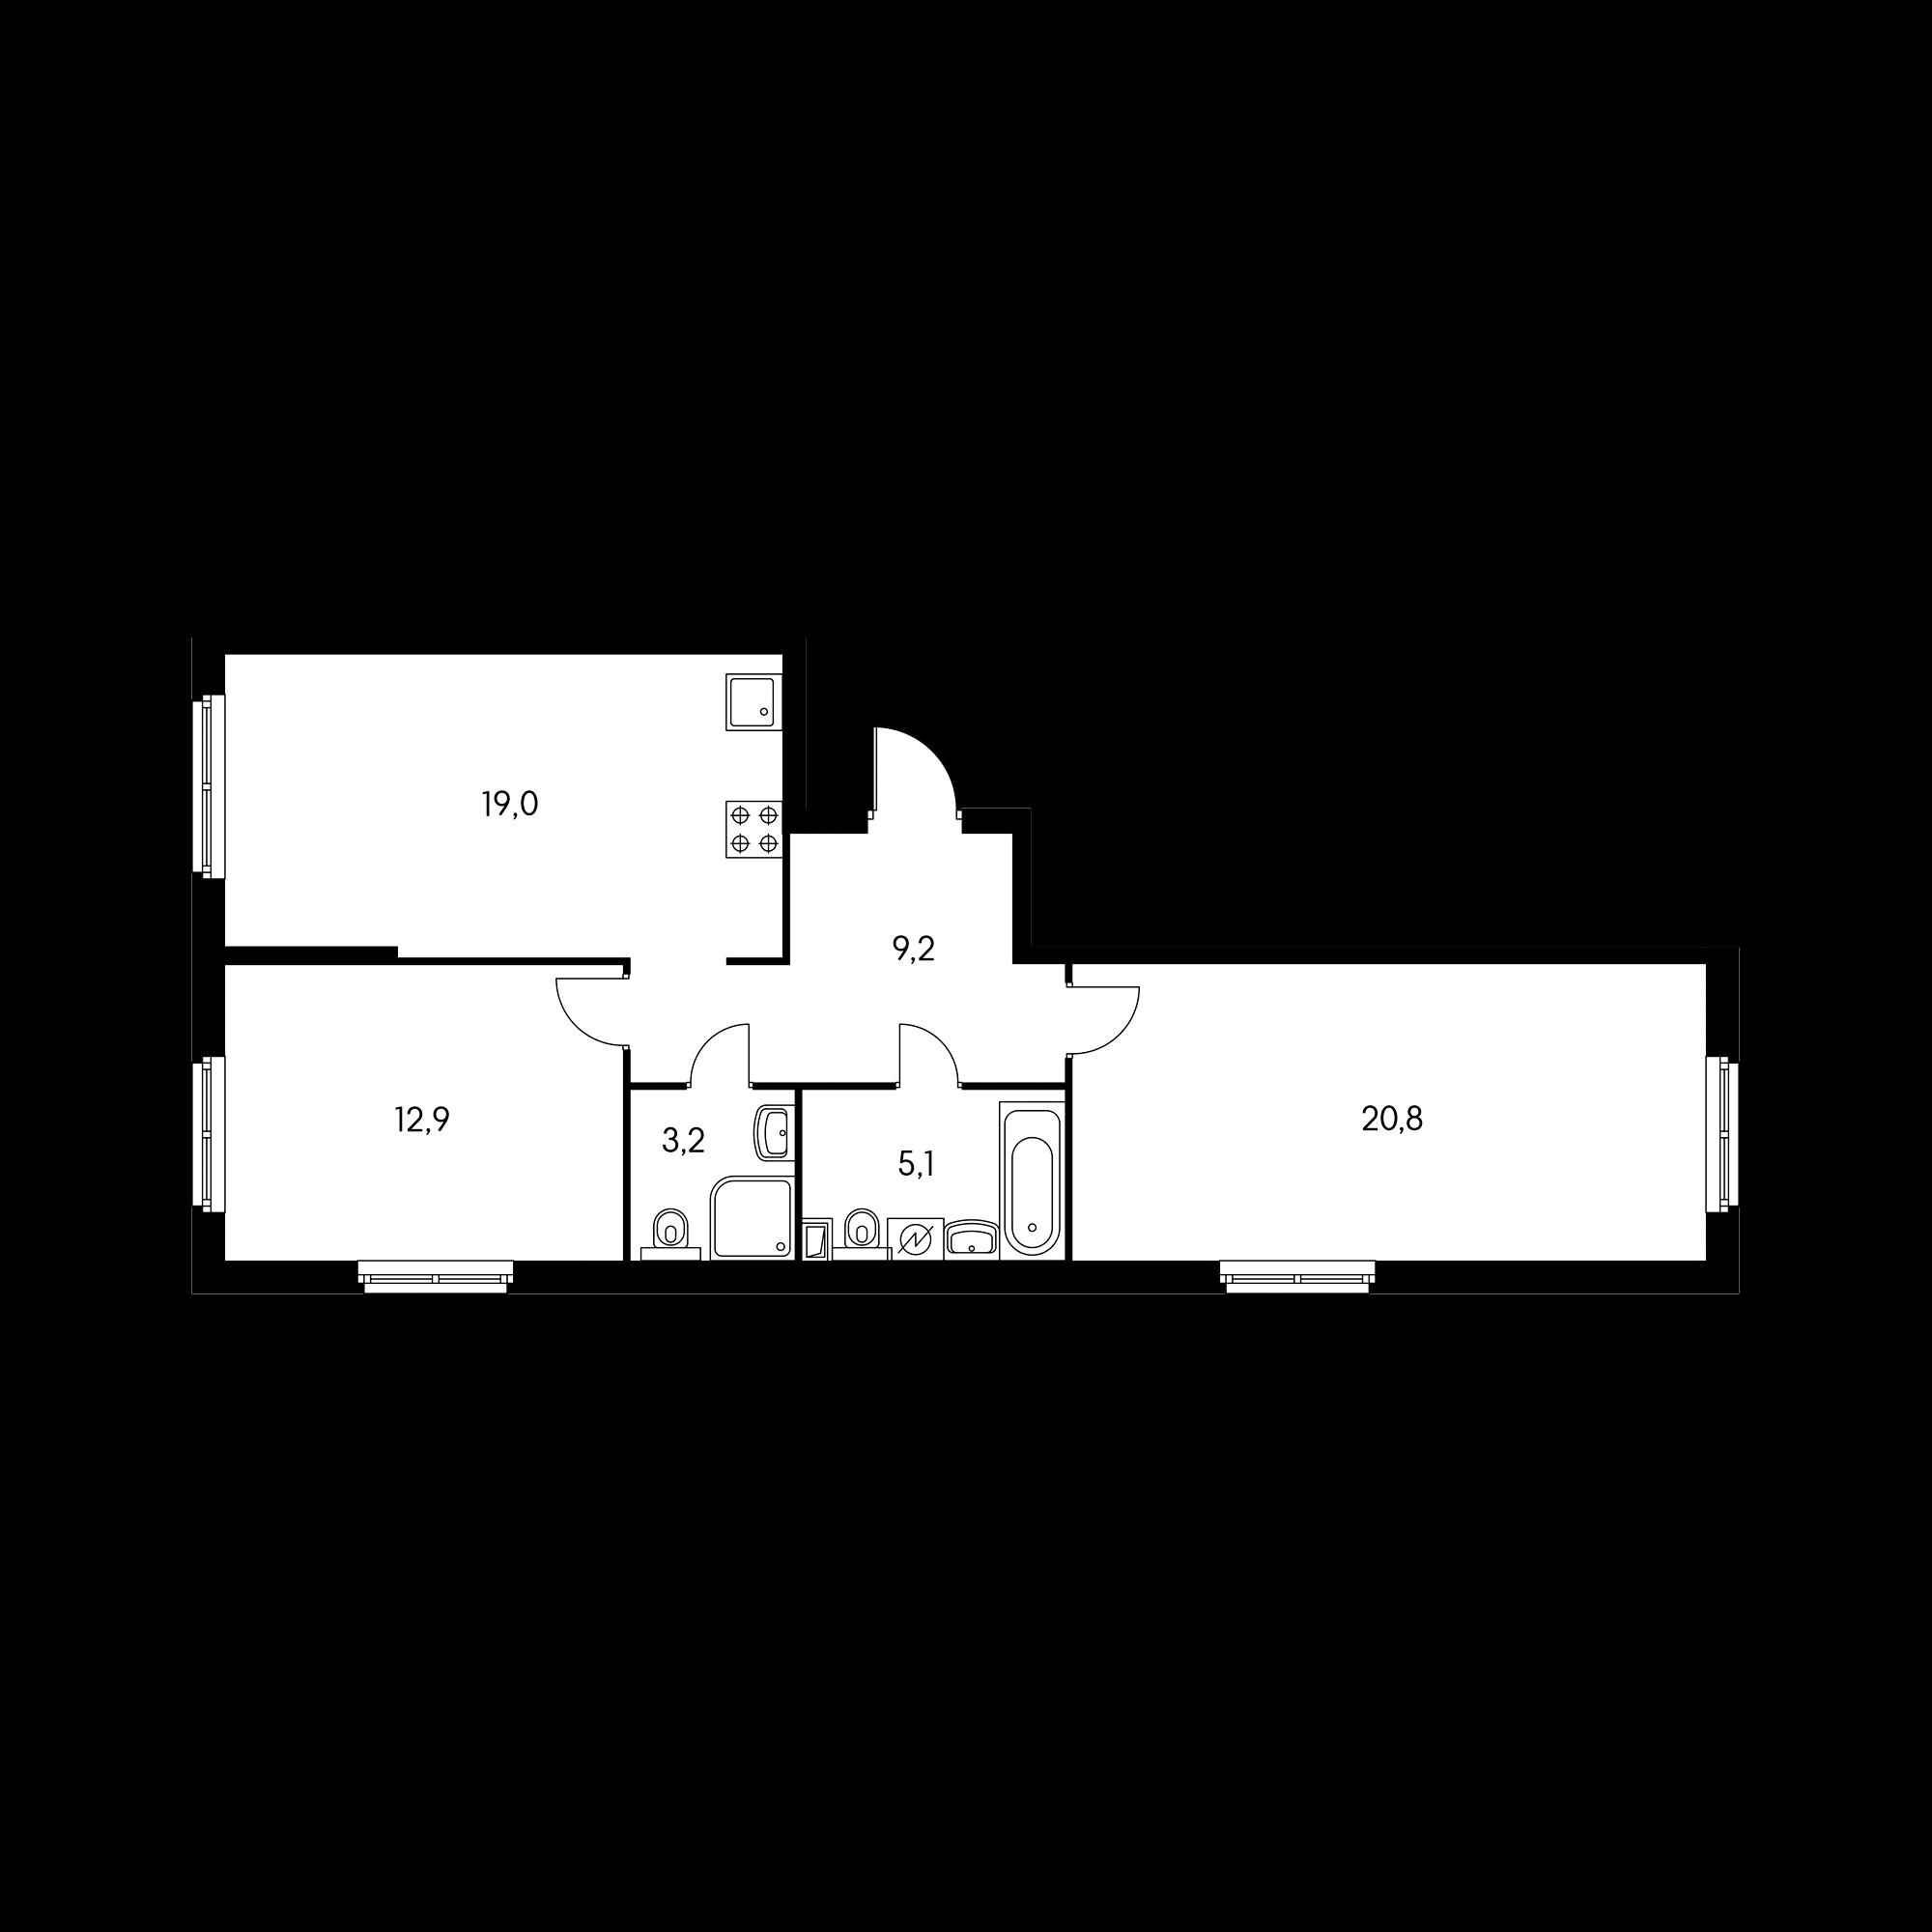 2EL3-T1